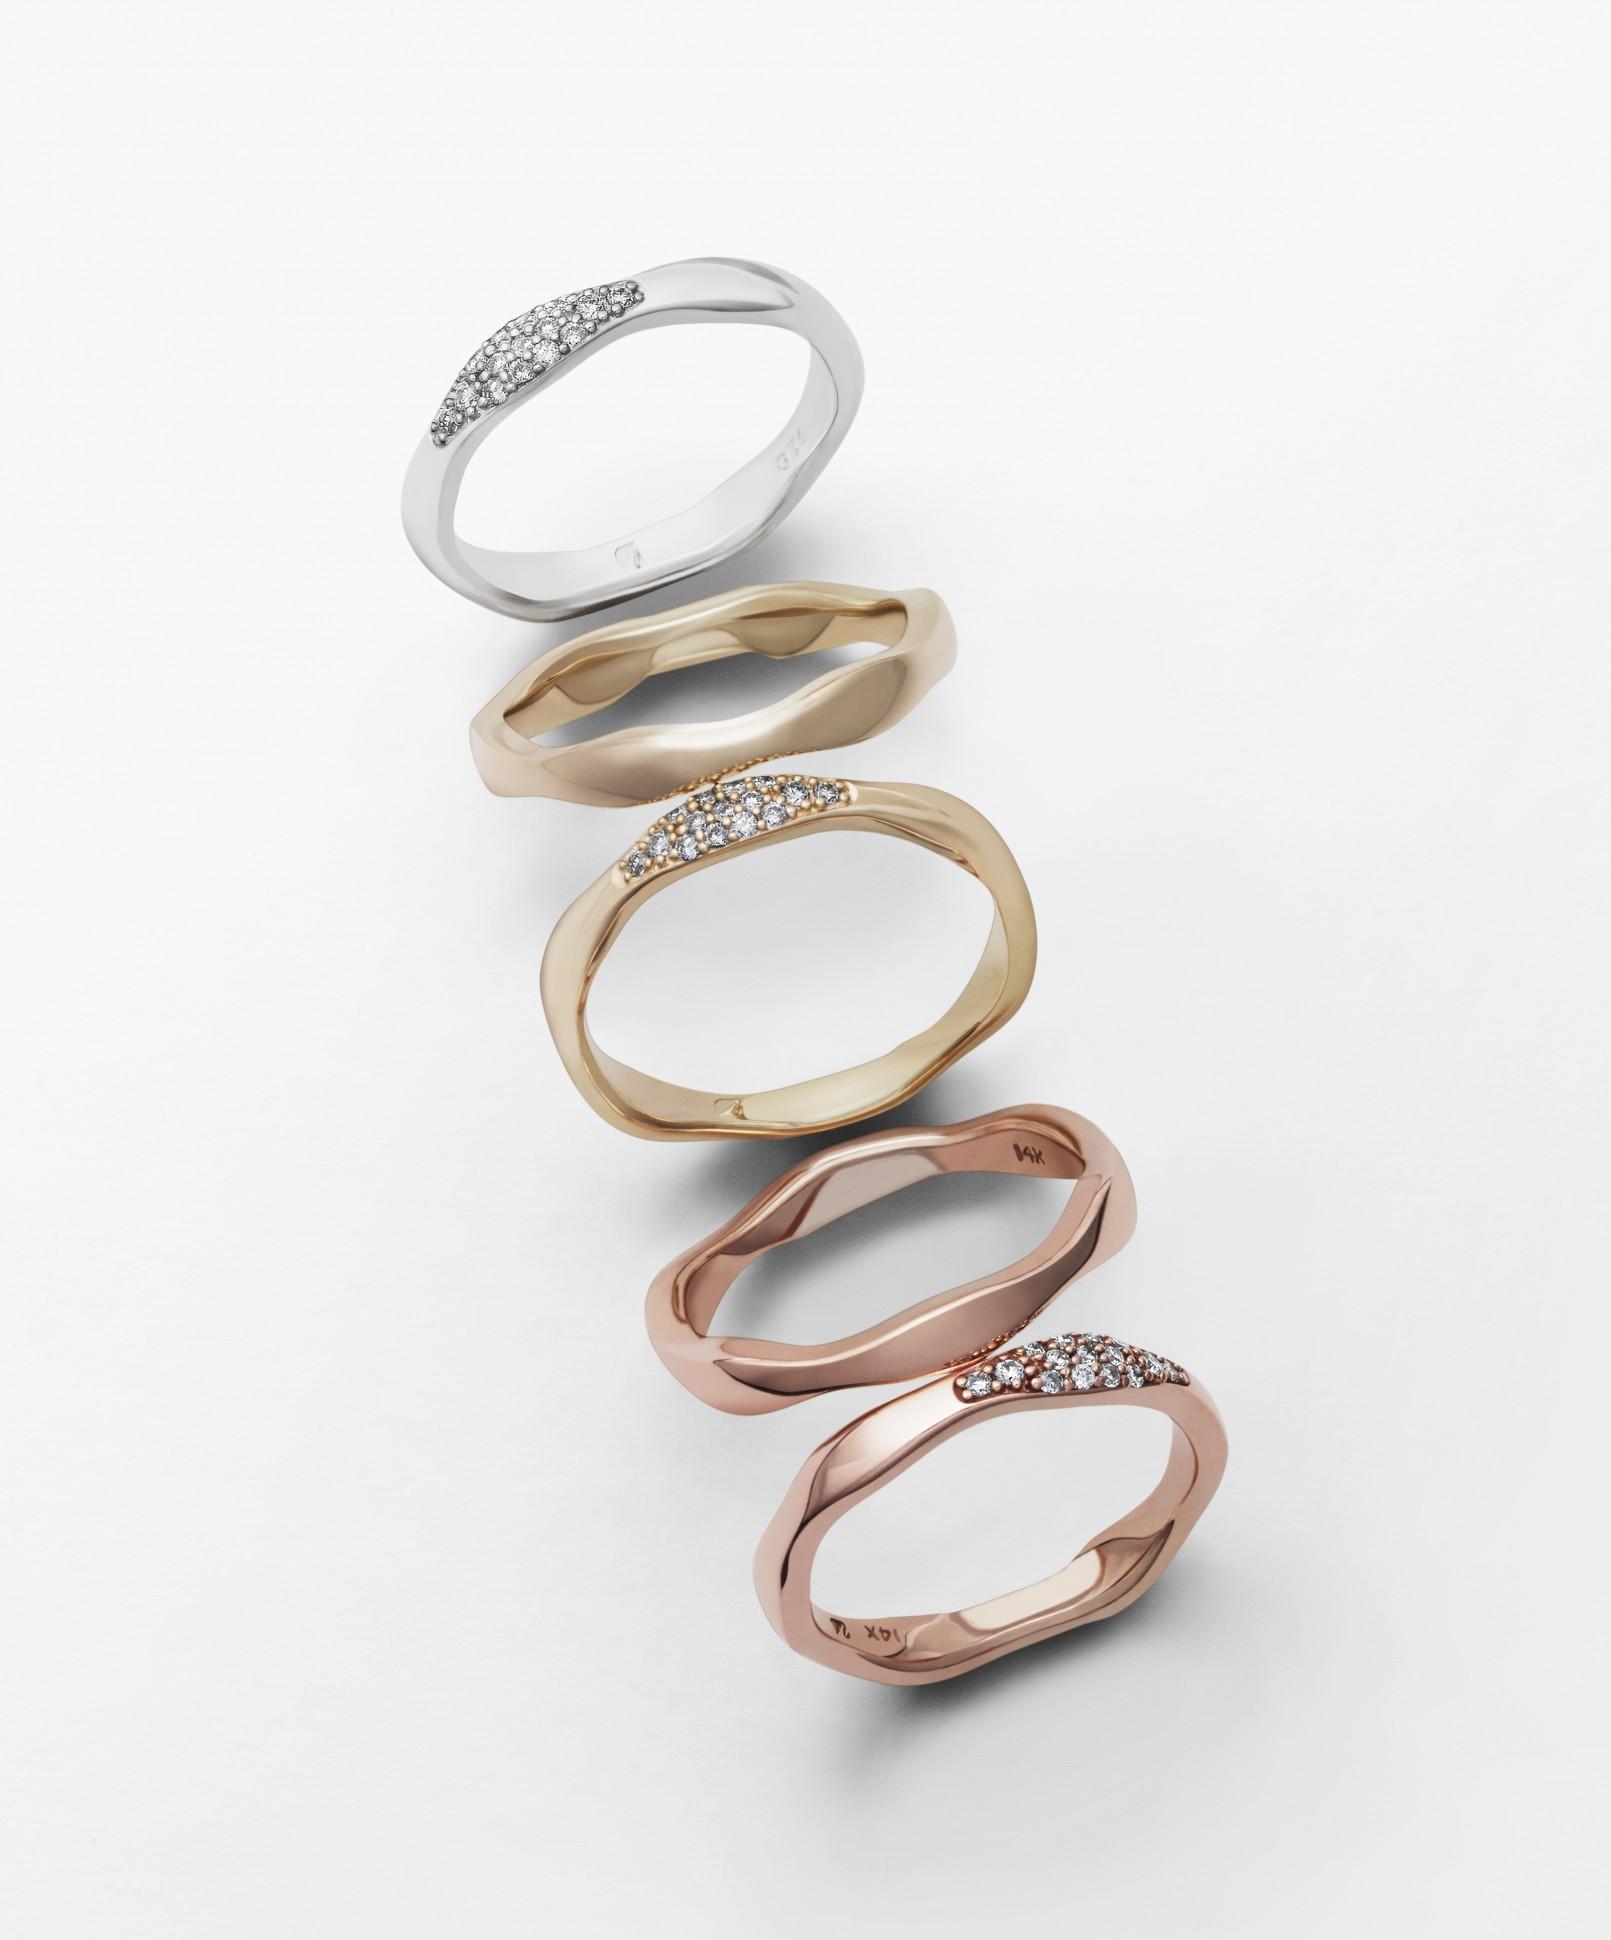 Rings-2_R-1611x1940